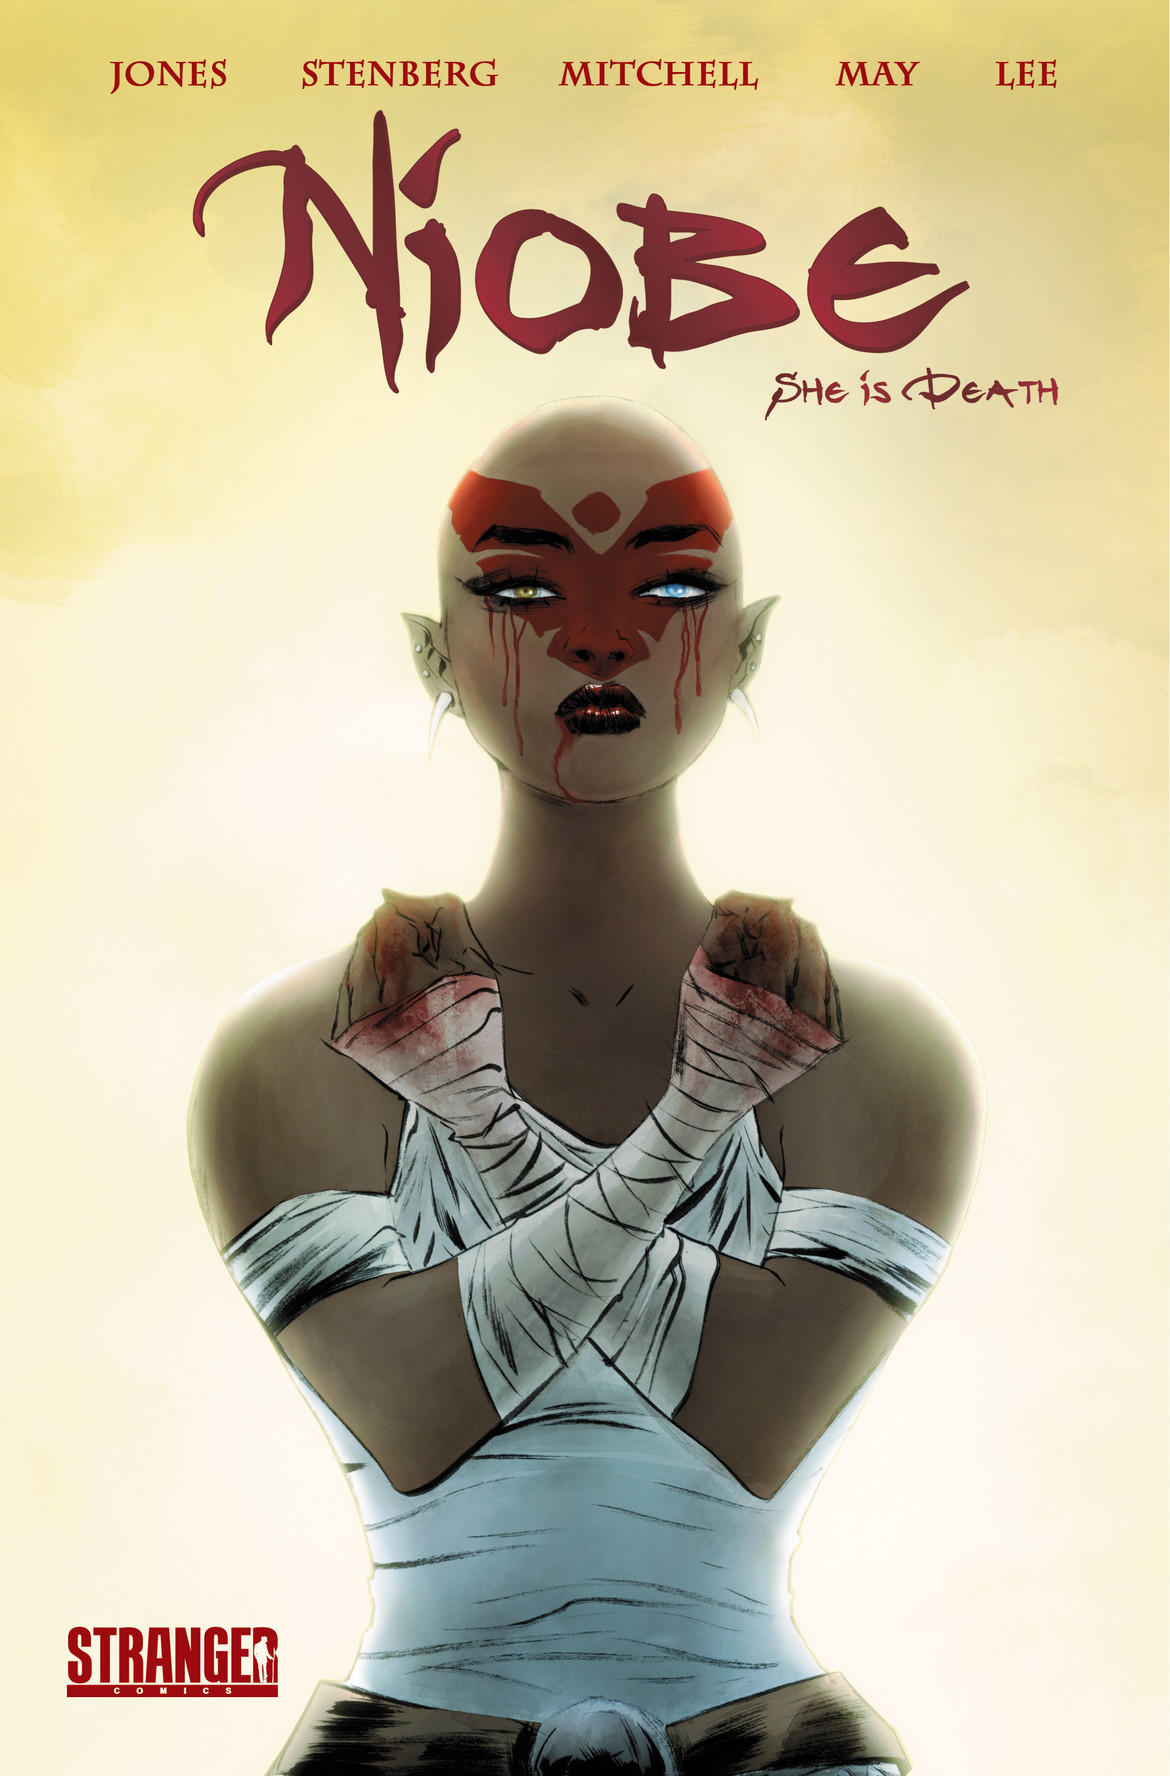 stranger_comics_niobe-v2-1-lee-cover-web.jpg